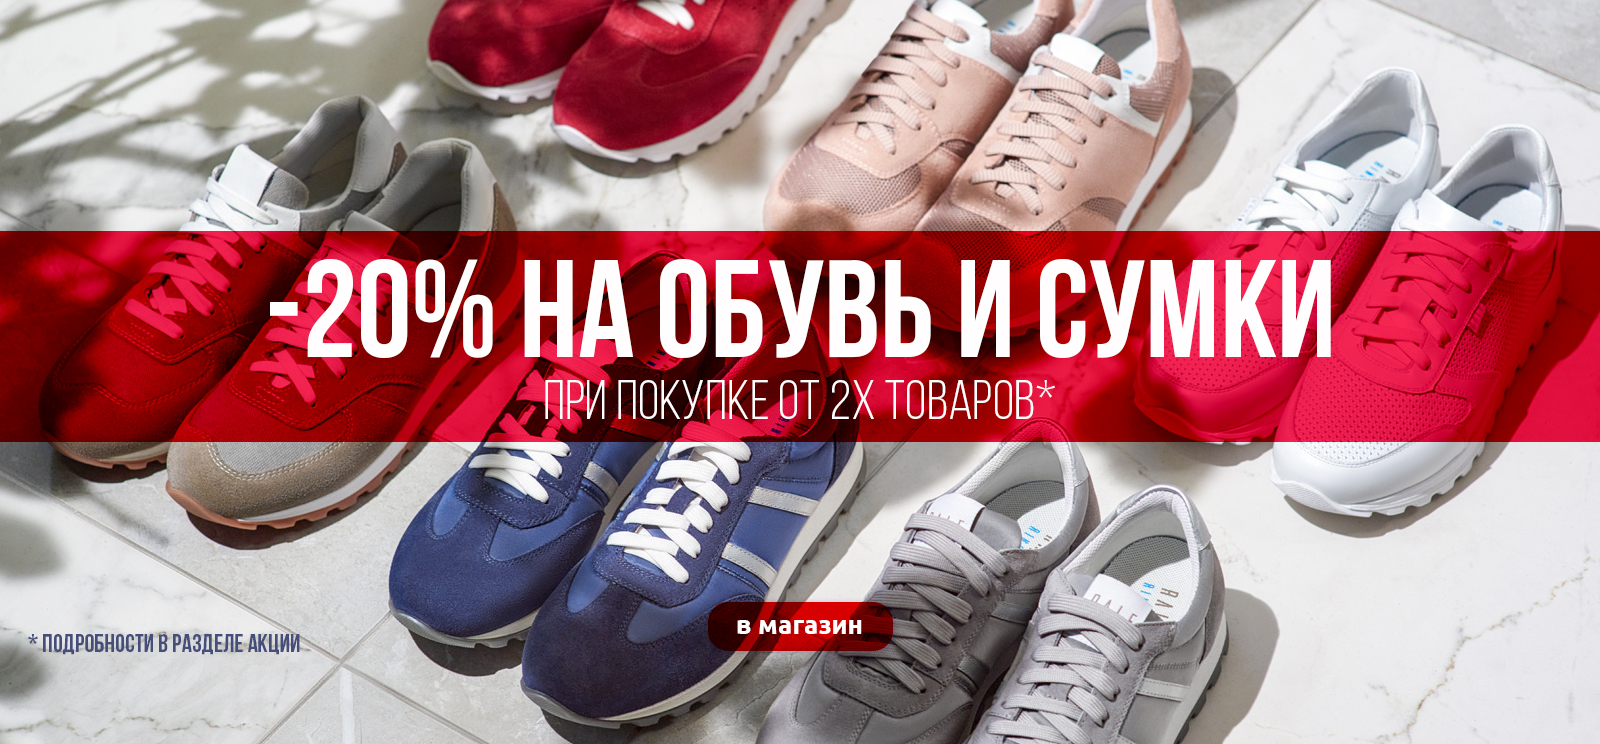 -20% на Обувь и Сумки